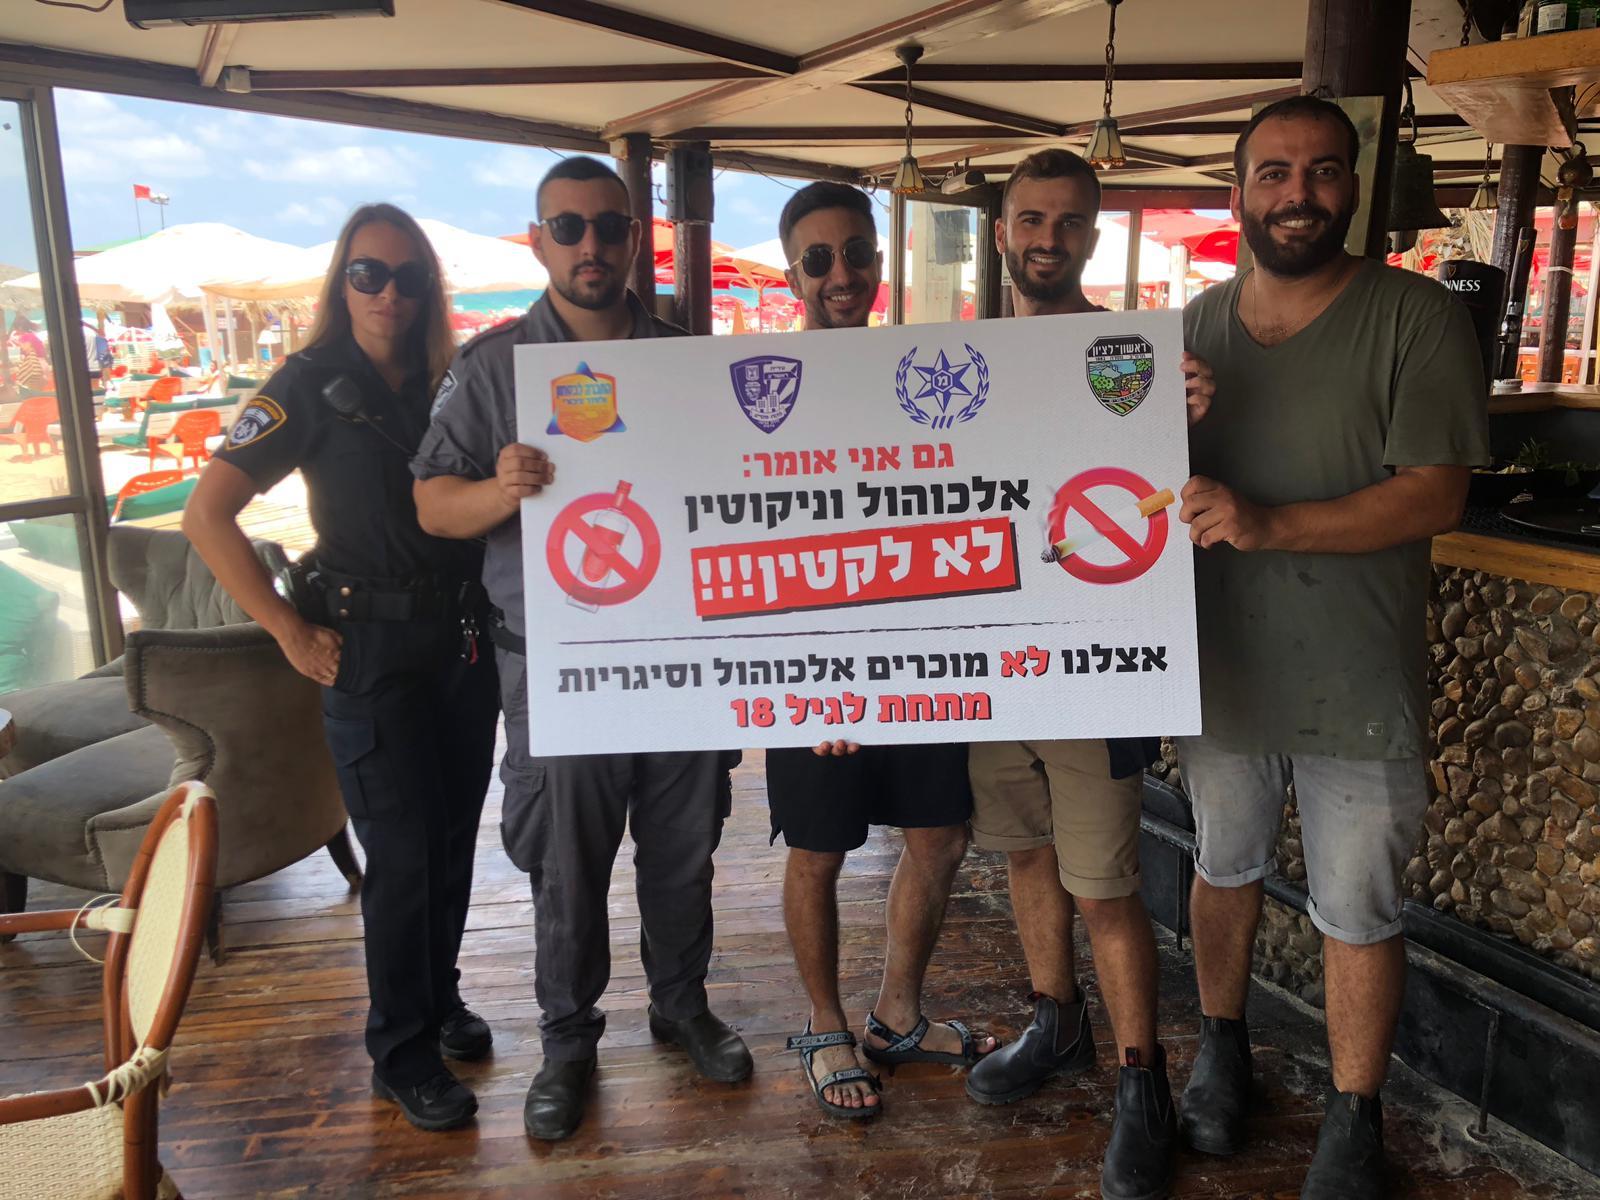 """גם בכלי העסקים לאורך חופי ראשון לציון נרתמו לקמפיין נגד מכירת אלכוהול וסיגריות לקטינים. צילום: עיריית ראשל""""צ"""